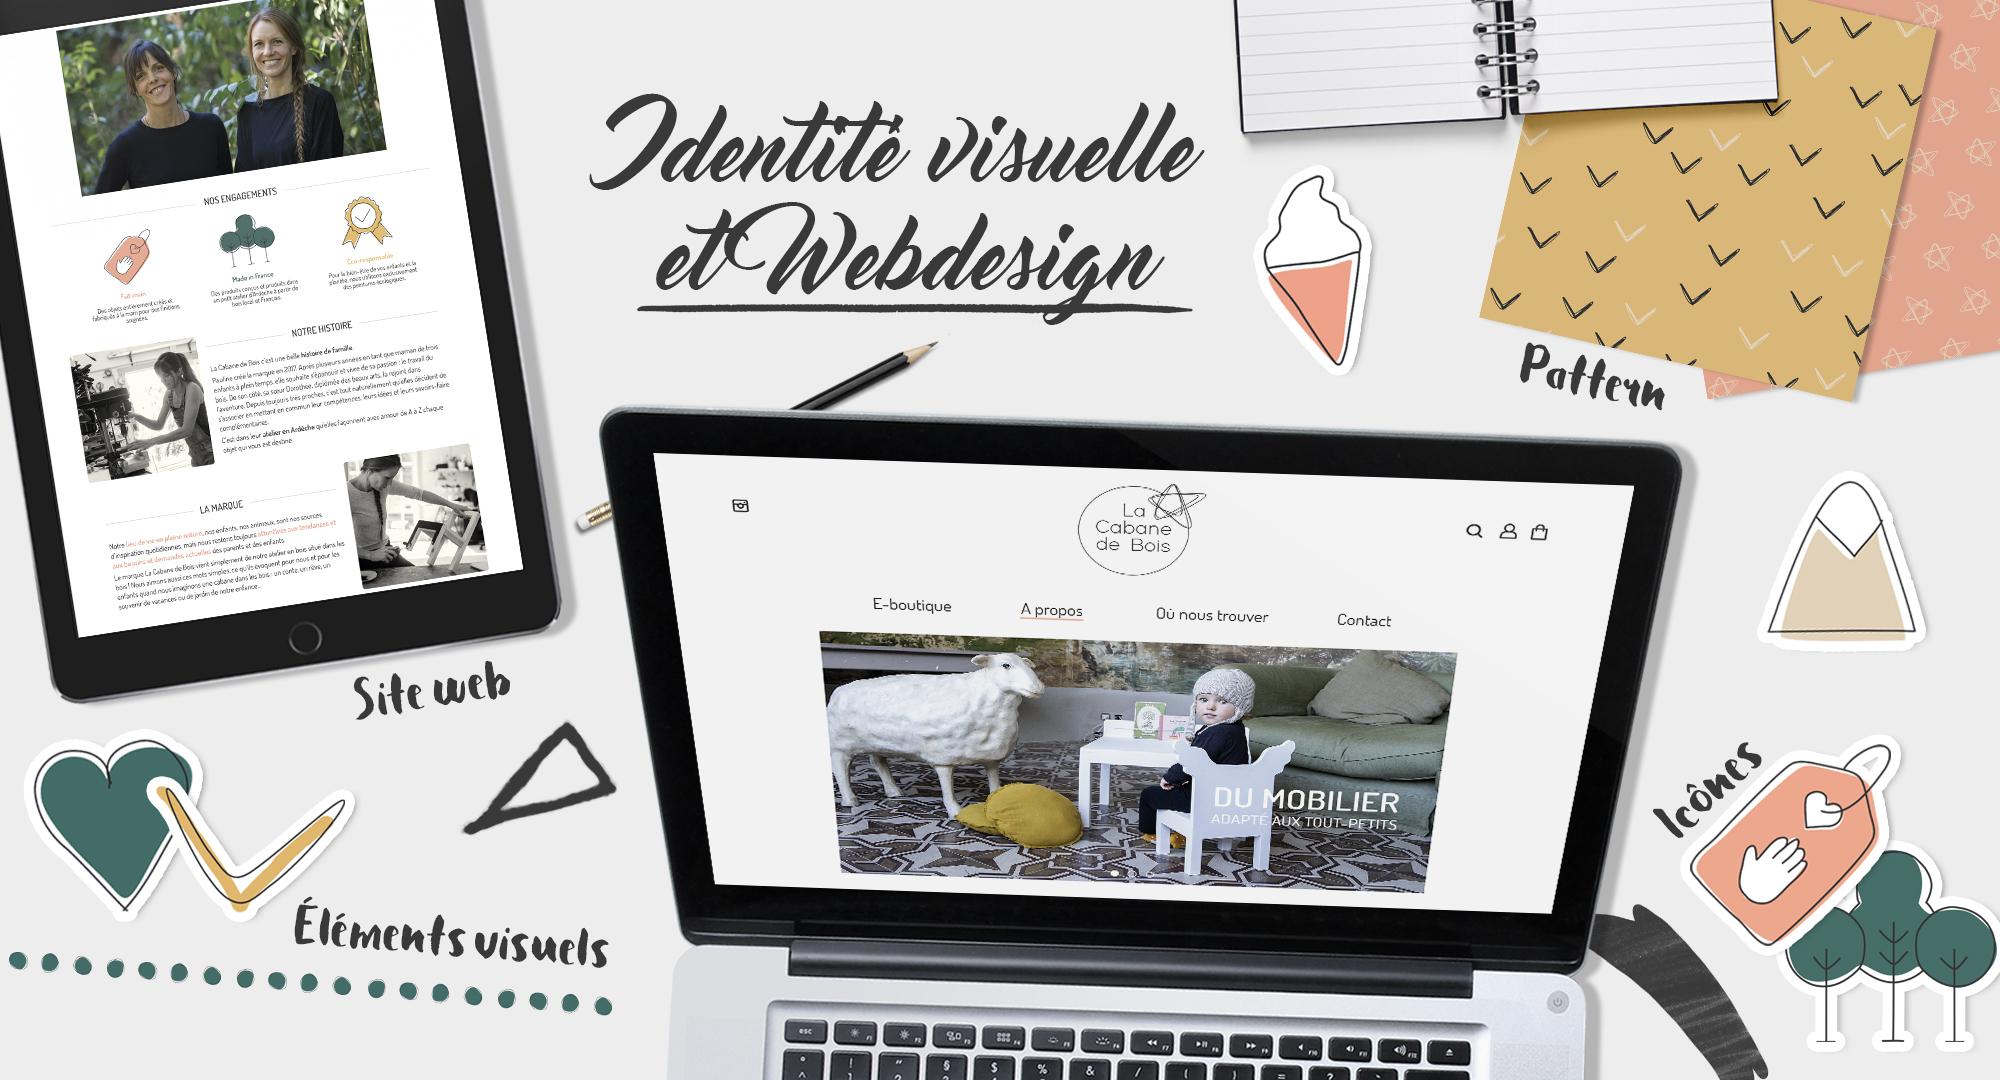 Logo - Graphisme - Site web - La Cabane de Bois - Identité graphique